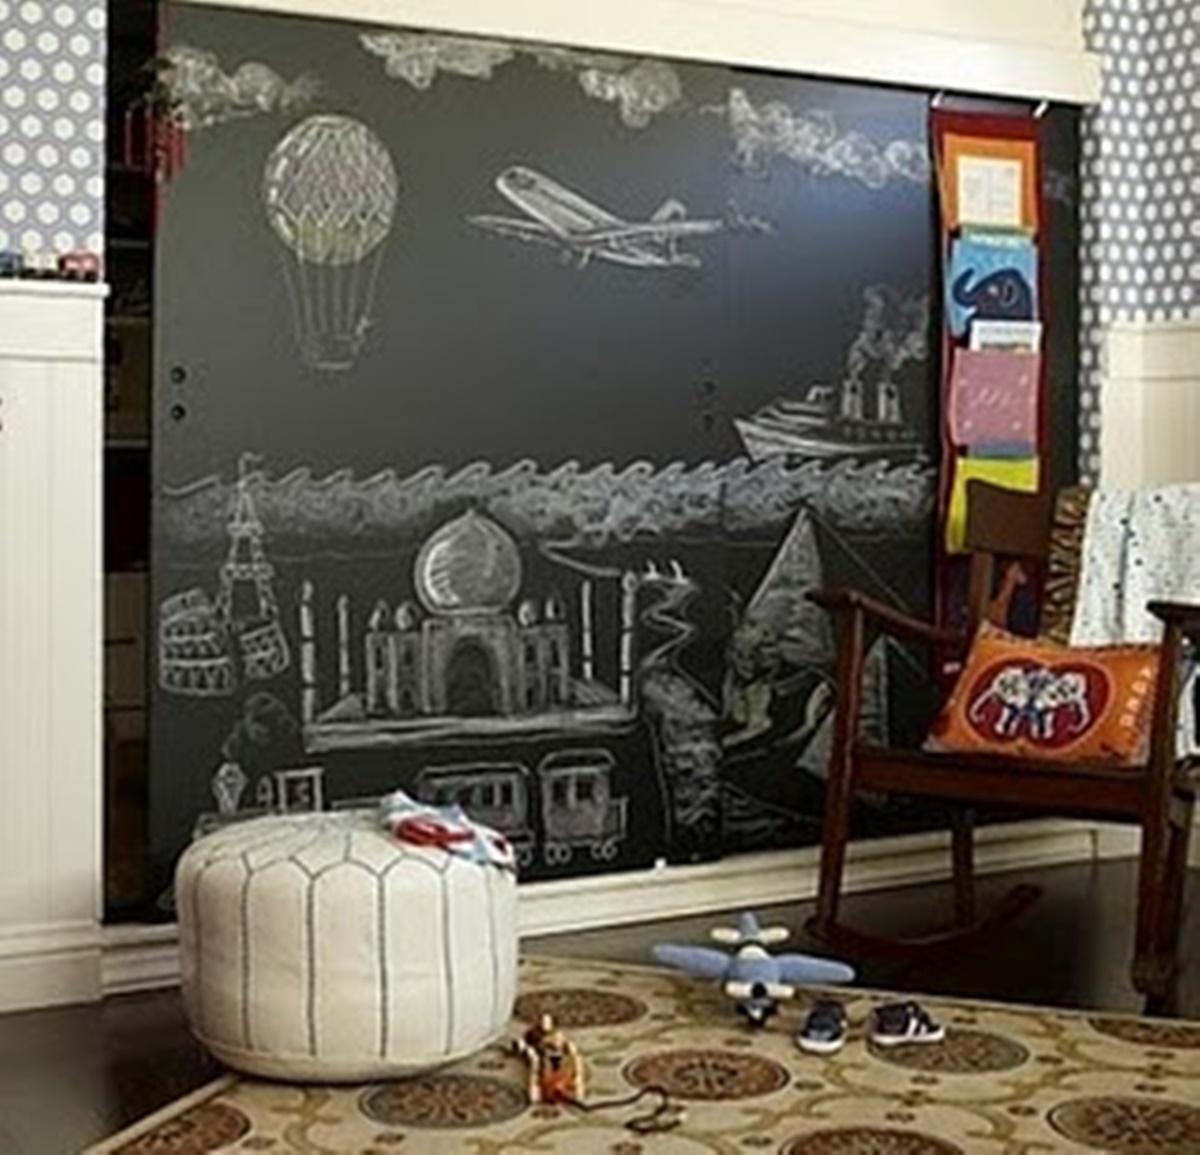 wall blackboard